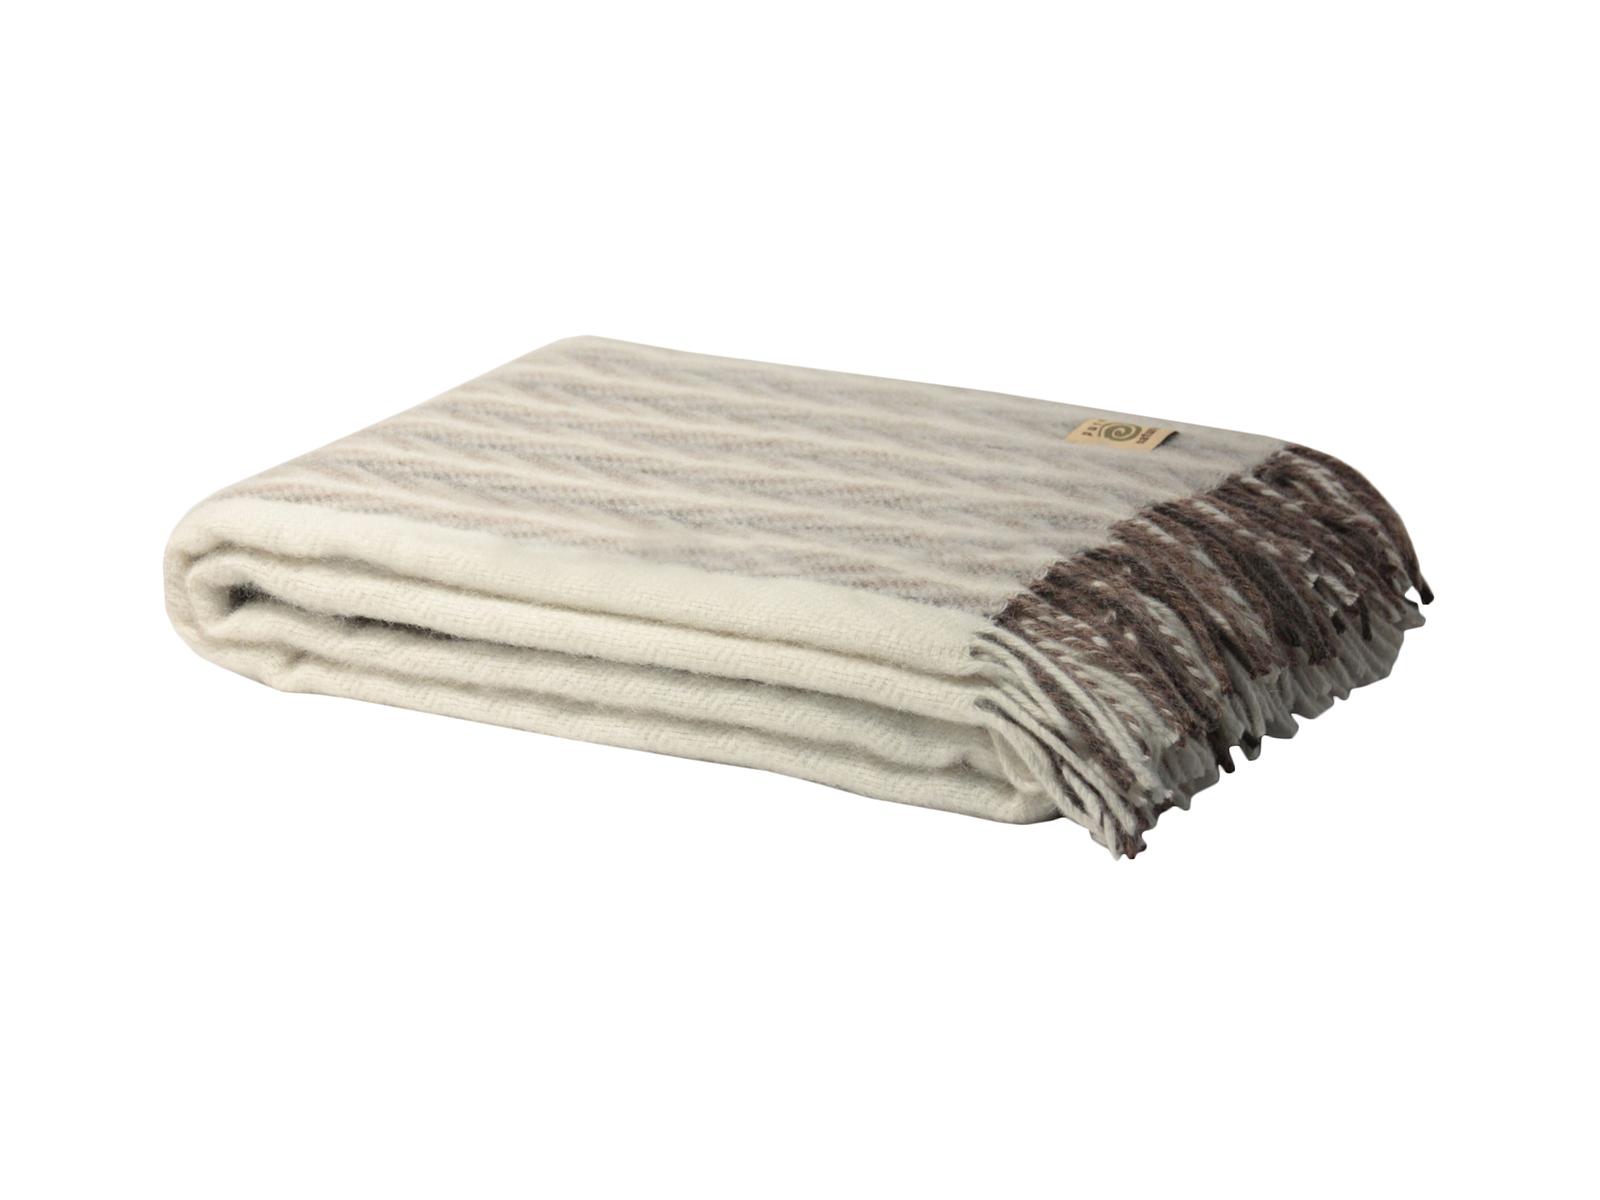 Плед EttoreПледы<br>Плед из натуральной шерсти альпаки и мериноса. - Шерсть альпаки в 6 раз теплее, чем овечья шерсть - Изделия из шерсти альпаки долго не пачкаются - В пледах используется только неокрашенная шерсть - Плед из шерсти альпаки отличается мягкостью, шелковистост...<br>